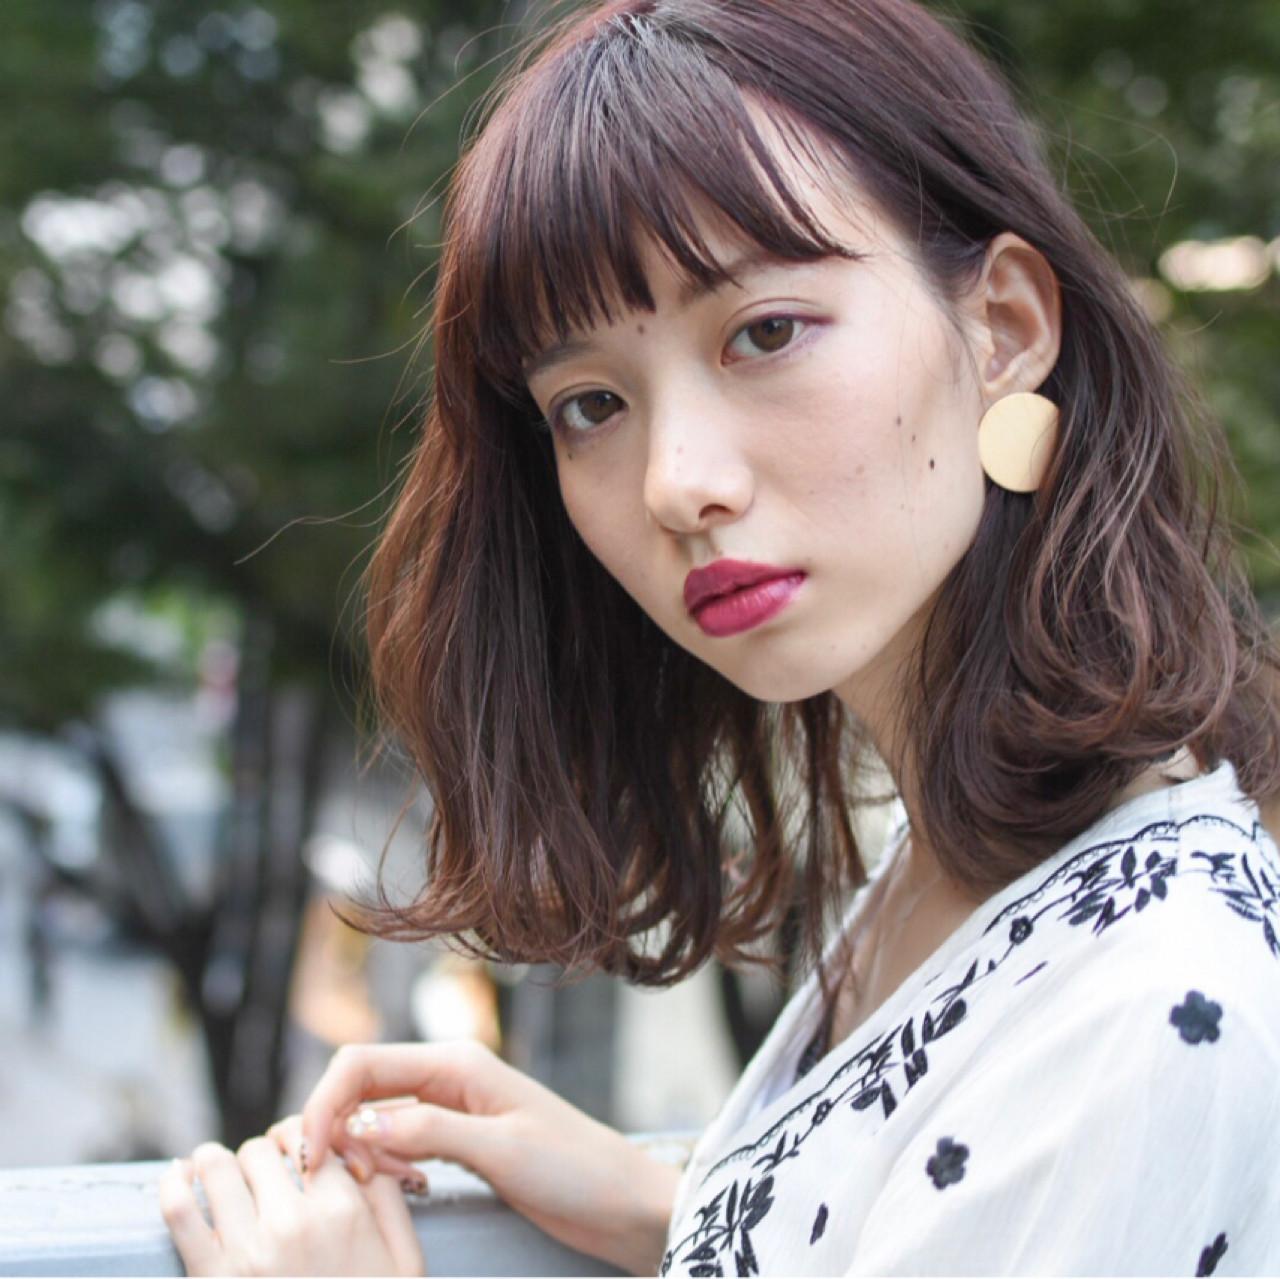 【顔型別】髪型に迷うなら顔の形で決める♡おすすめヘアスタイル集 山崎直輝